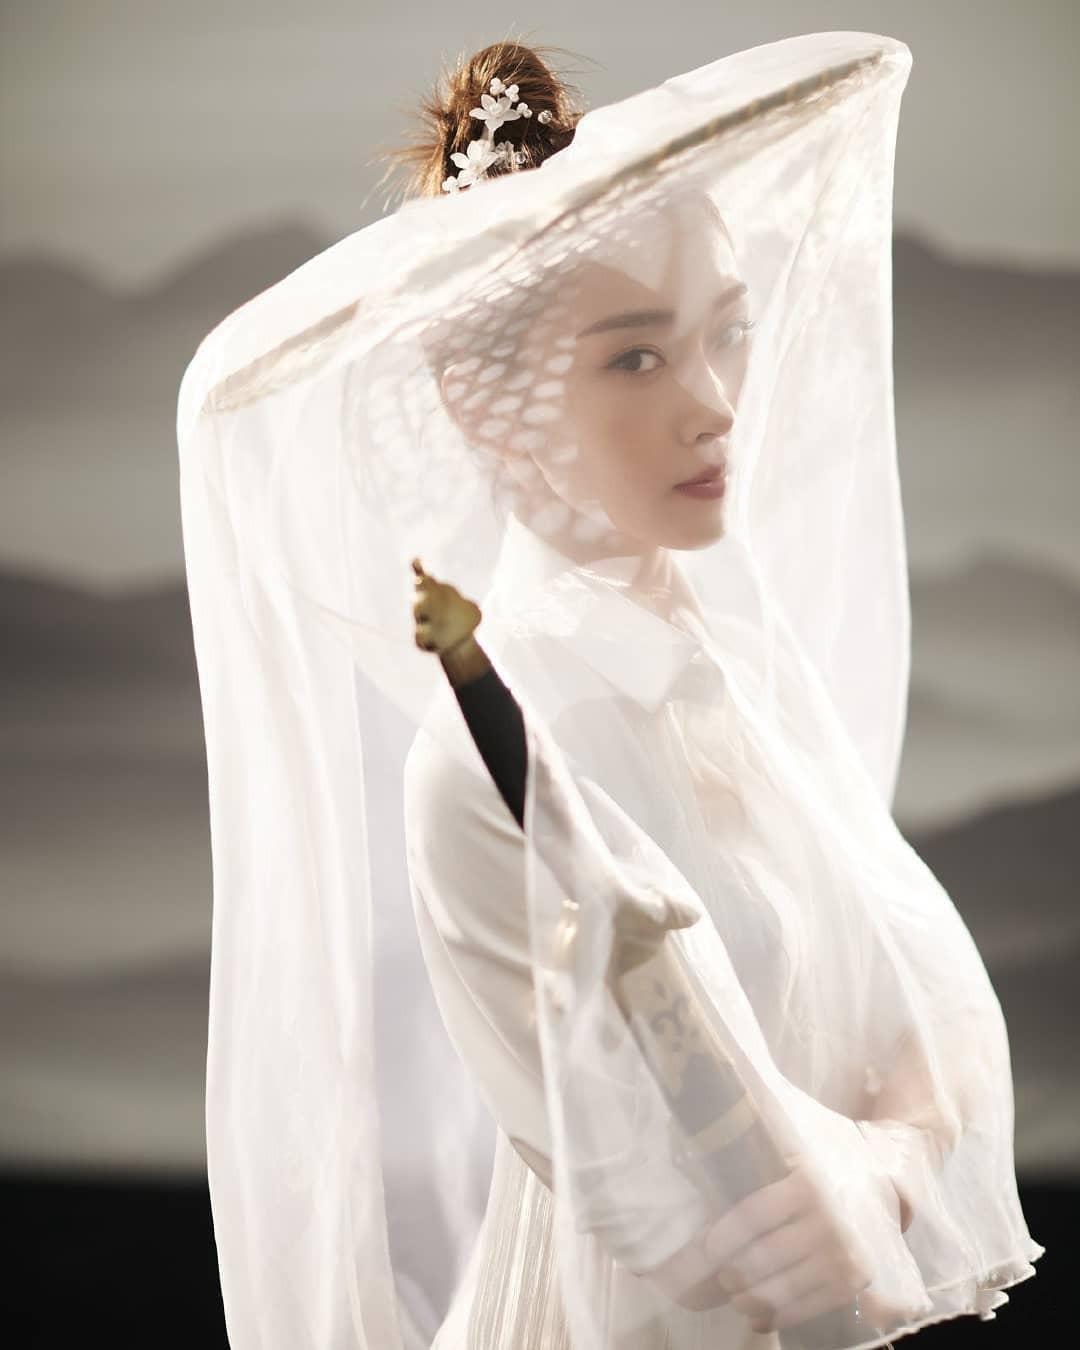 宣璐古风女侠装让人忘不了,斗笠薄纱仙气环绕,是仙女本尊没错了